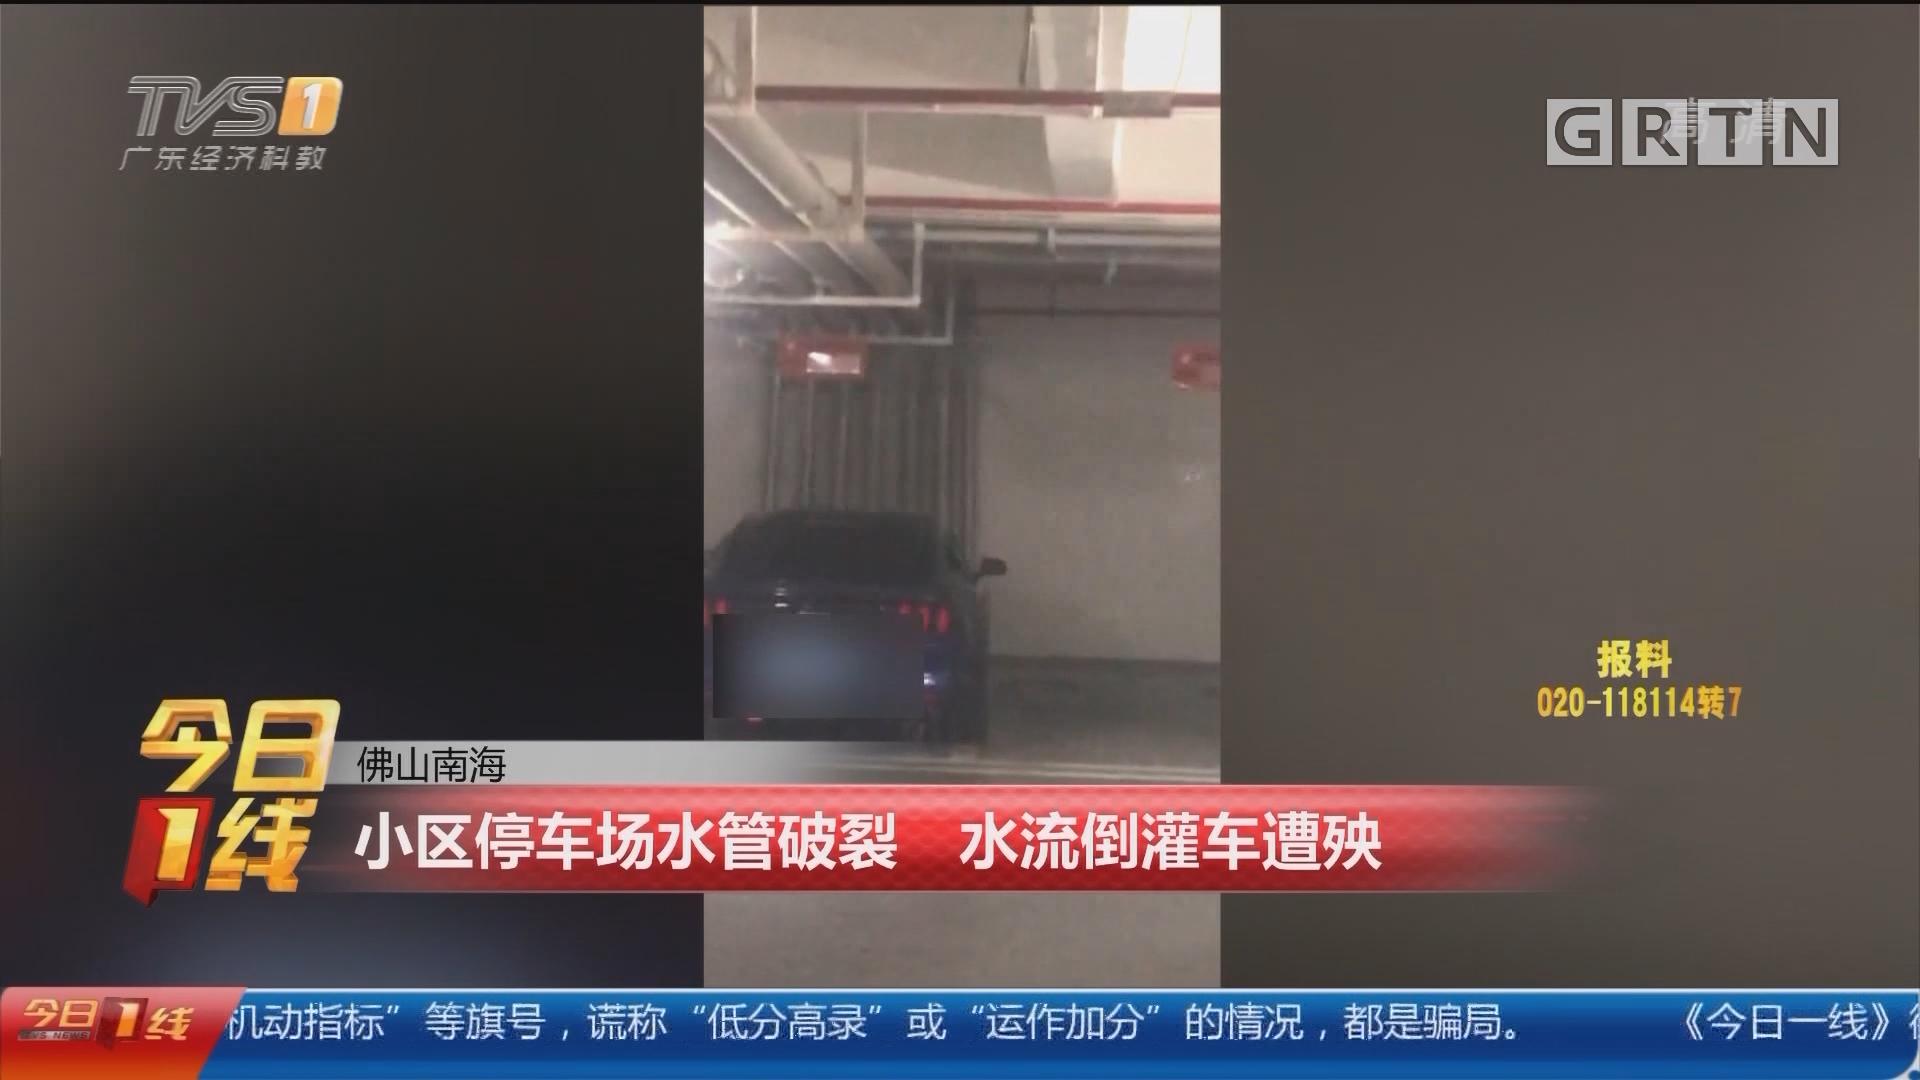 佛山南海:小区停车场水管破裂 水流倒灌车遭殃